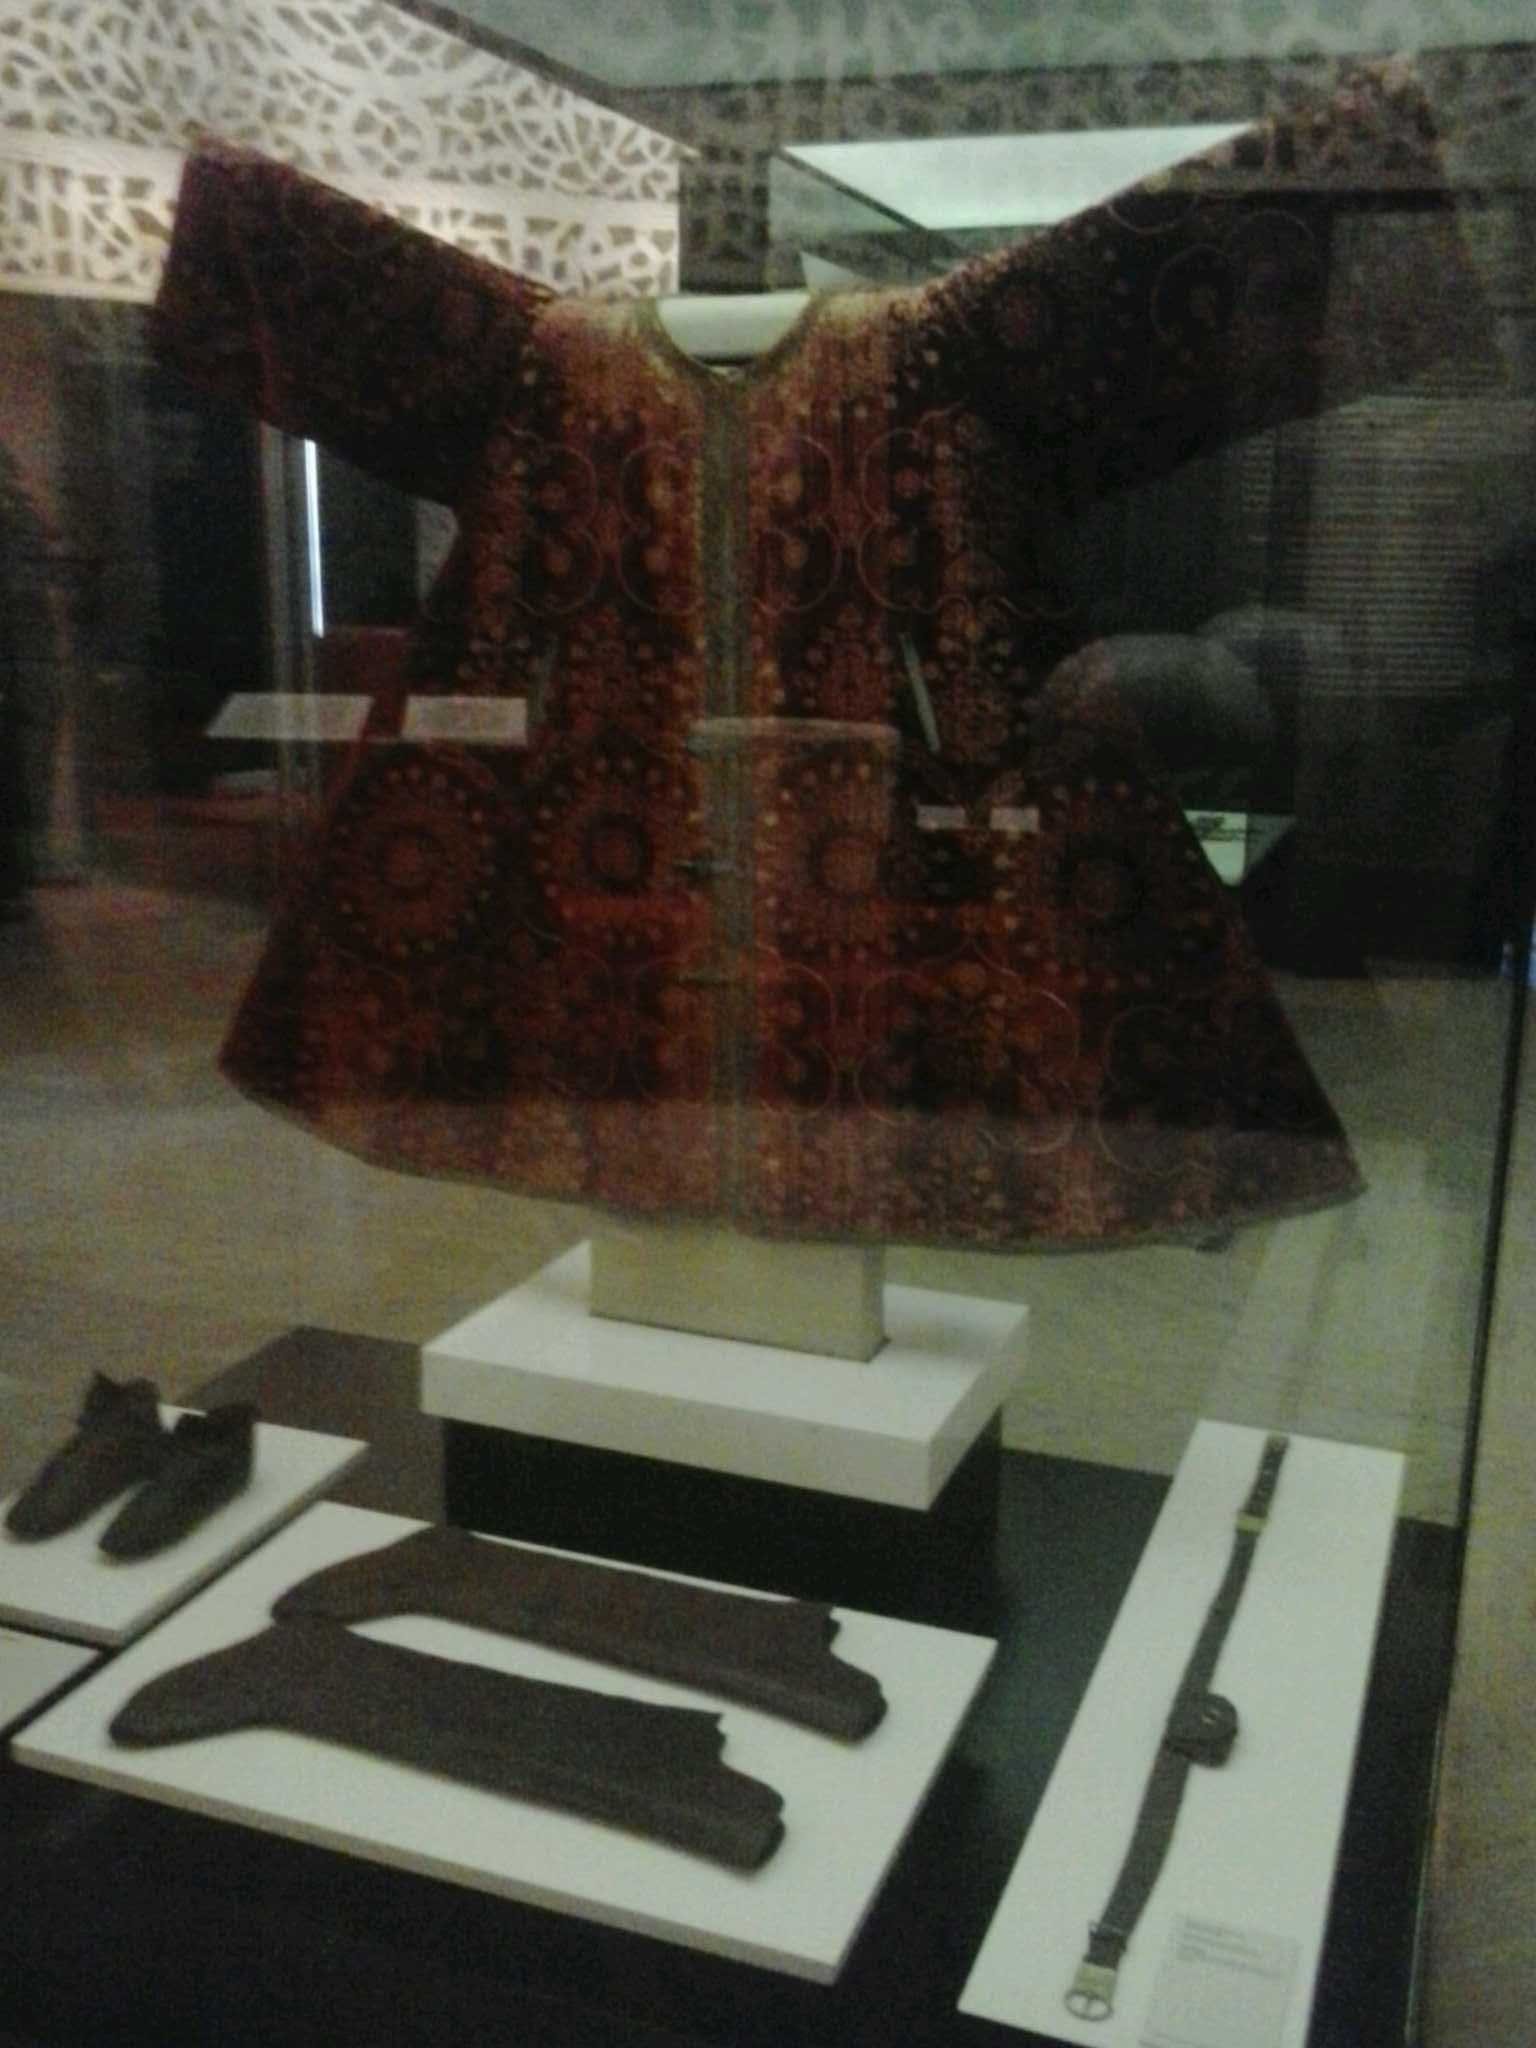 Visitas guiadas gratuitas a la exposición 'Arte y Culturas de al-Andalus. El Poder de la Alhambra'